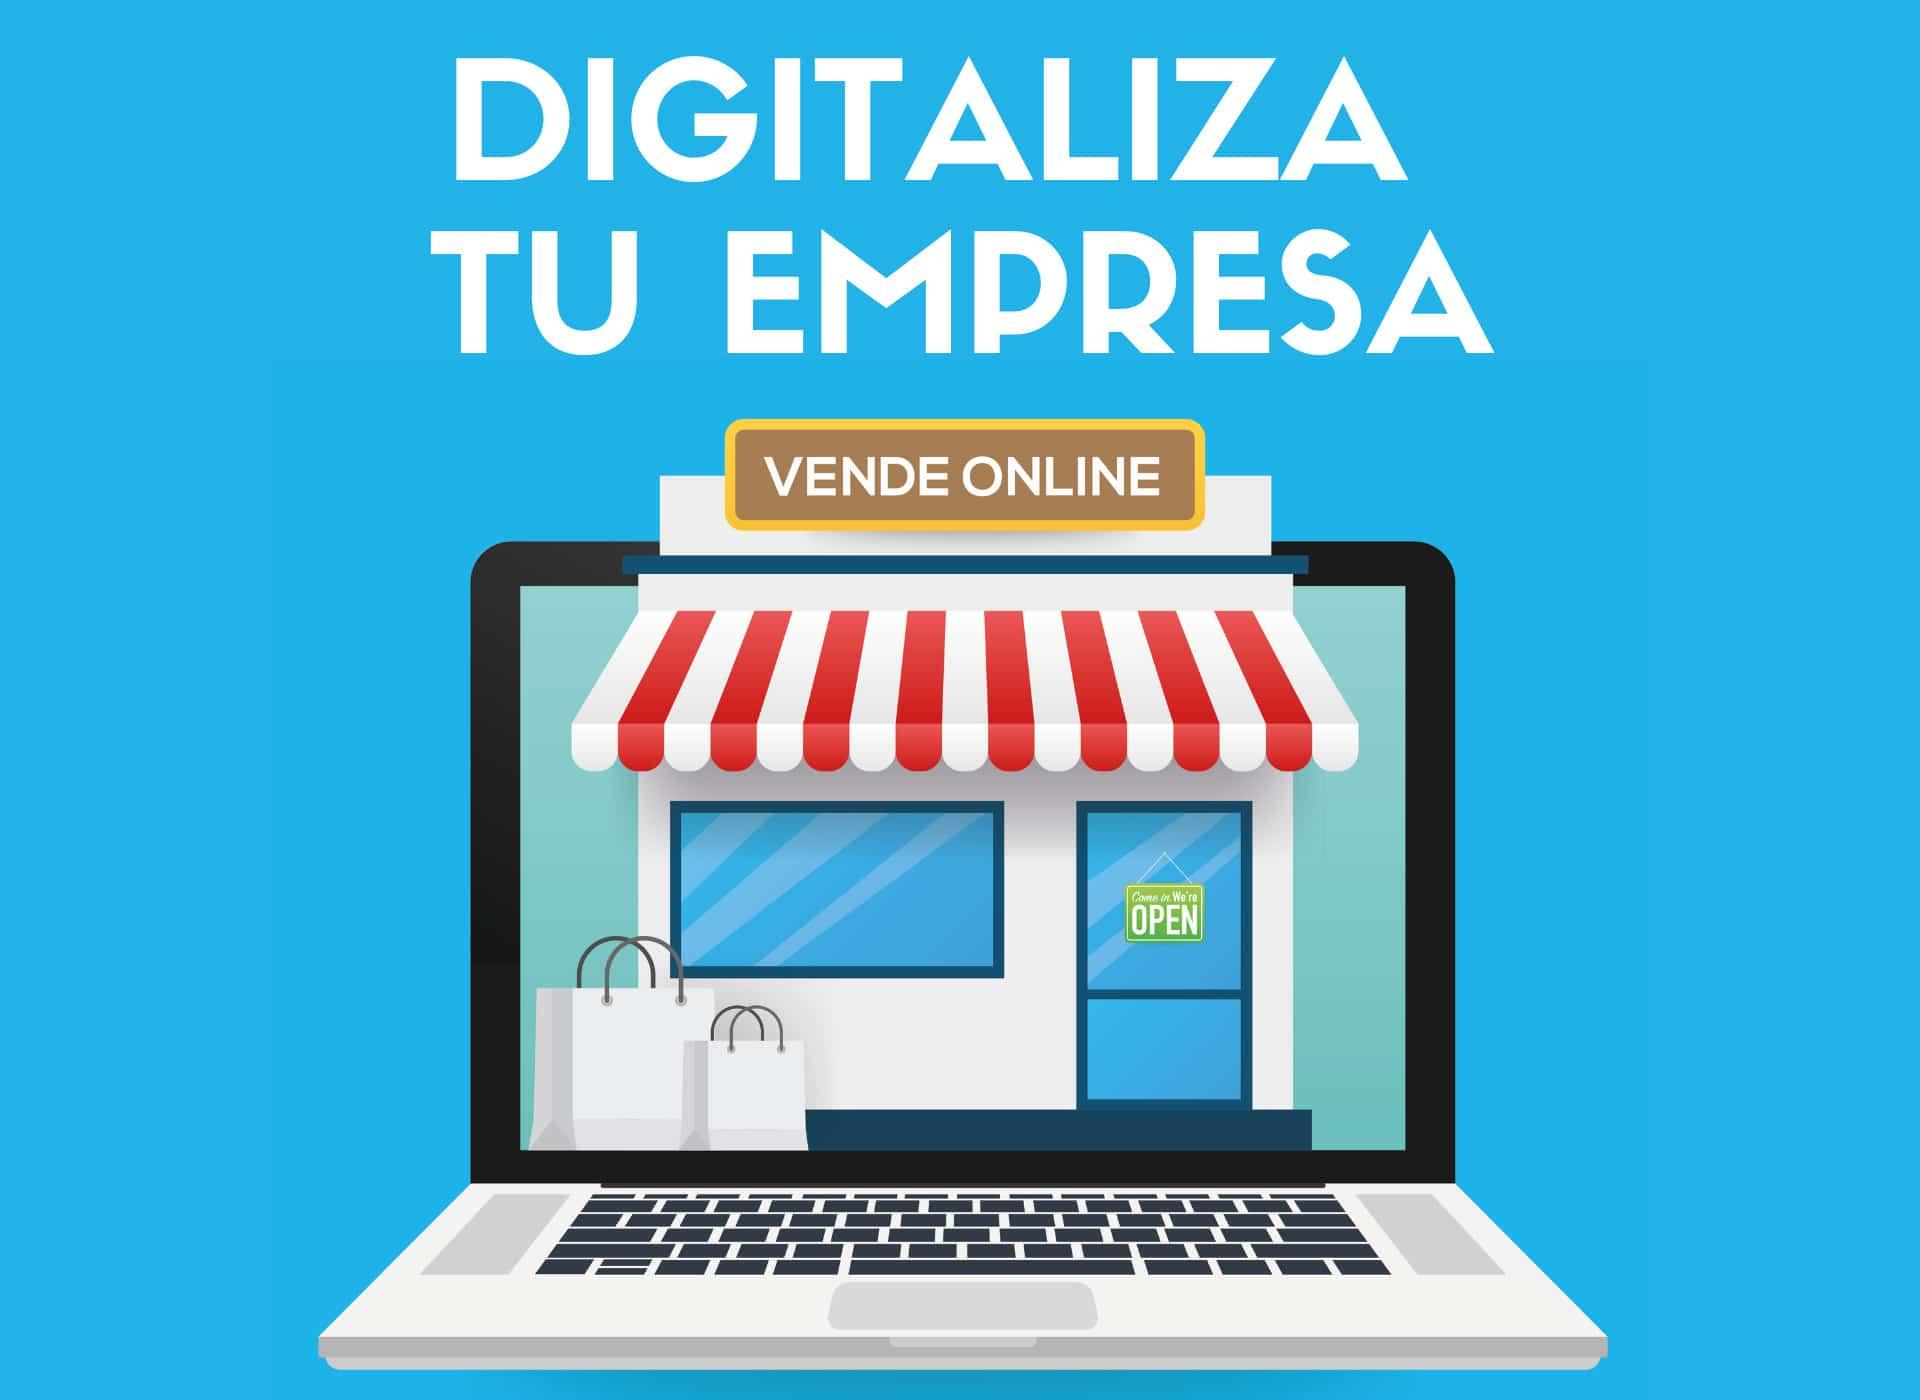 Curso Digitaliza tu Pyme - Empresa - Vende online